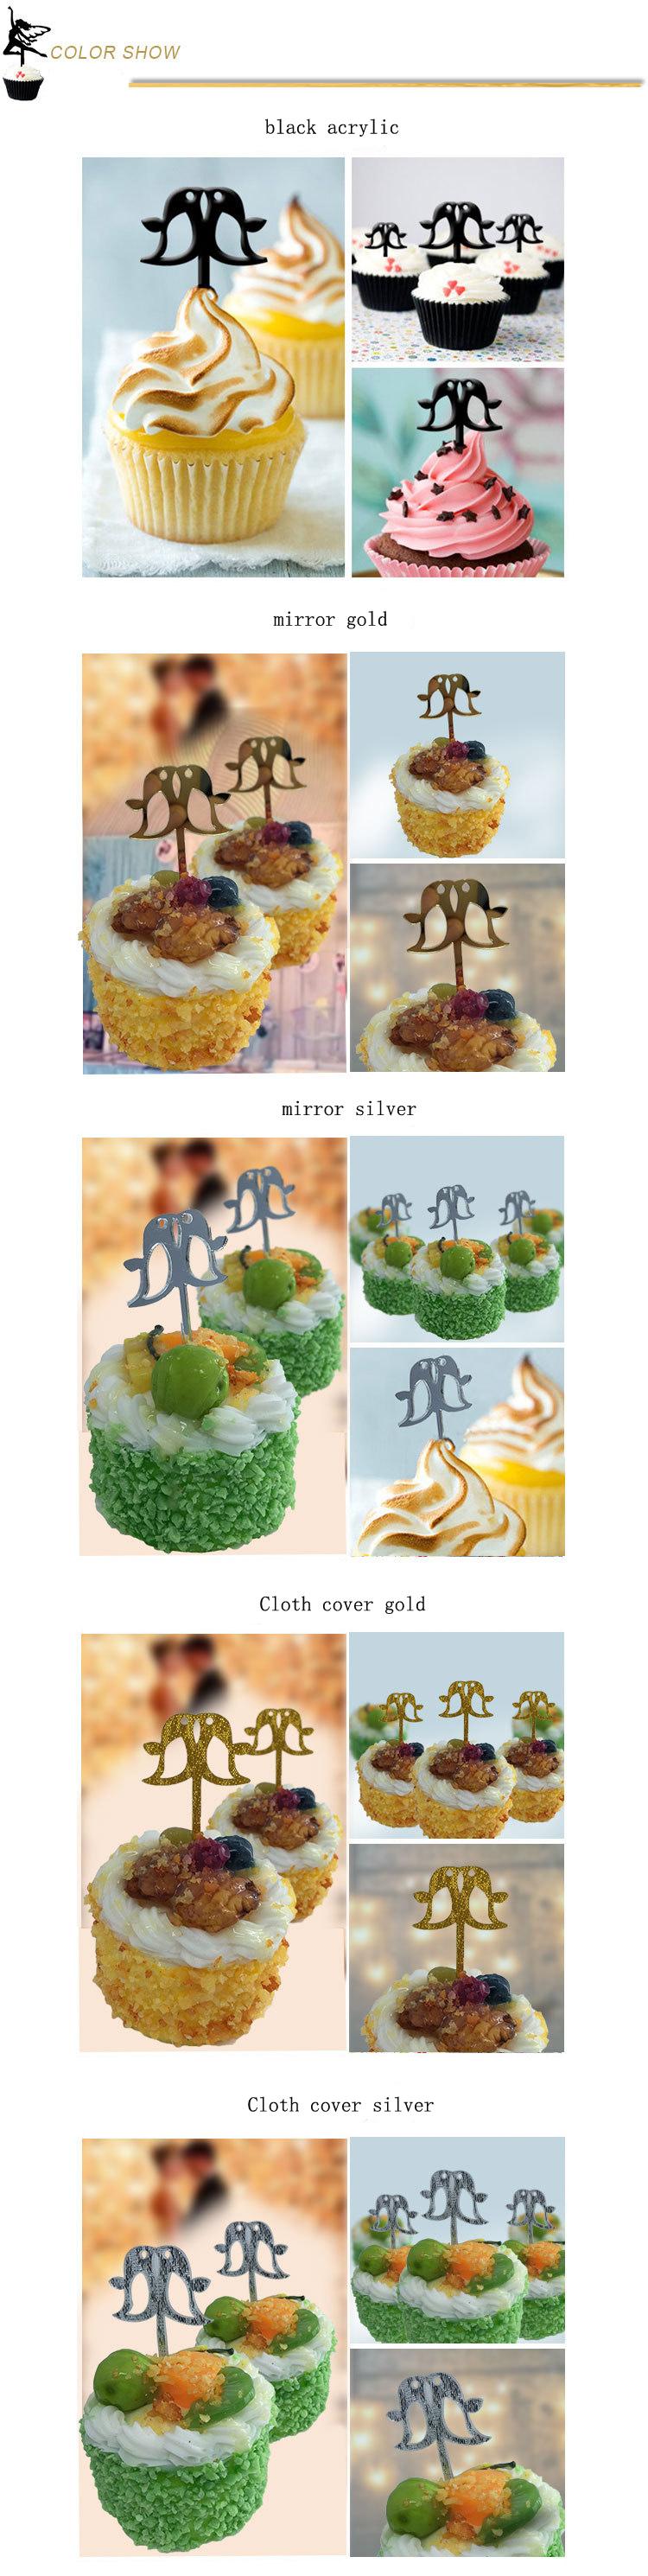 acrylic color show.jpg